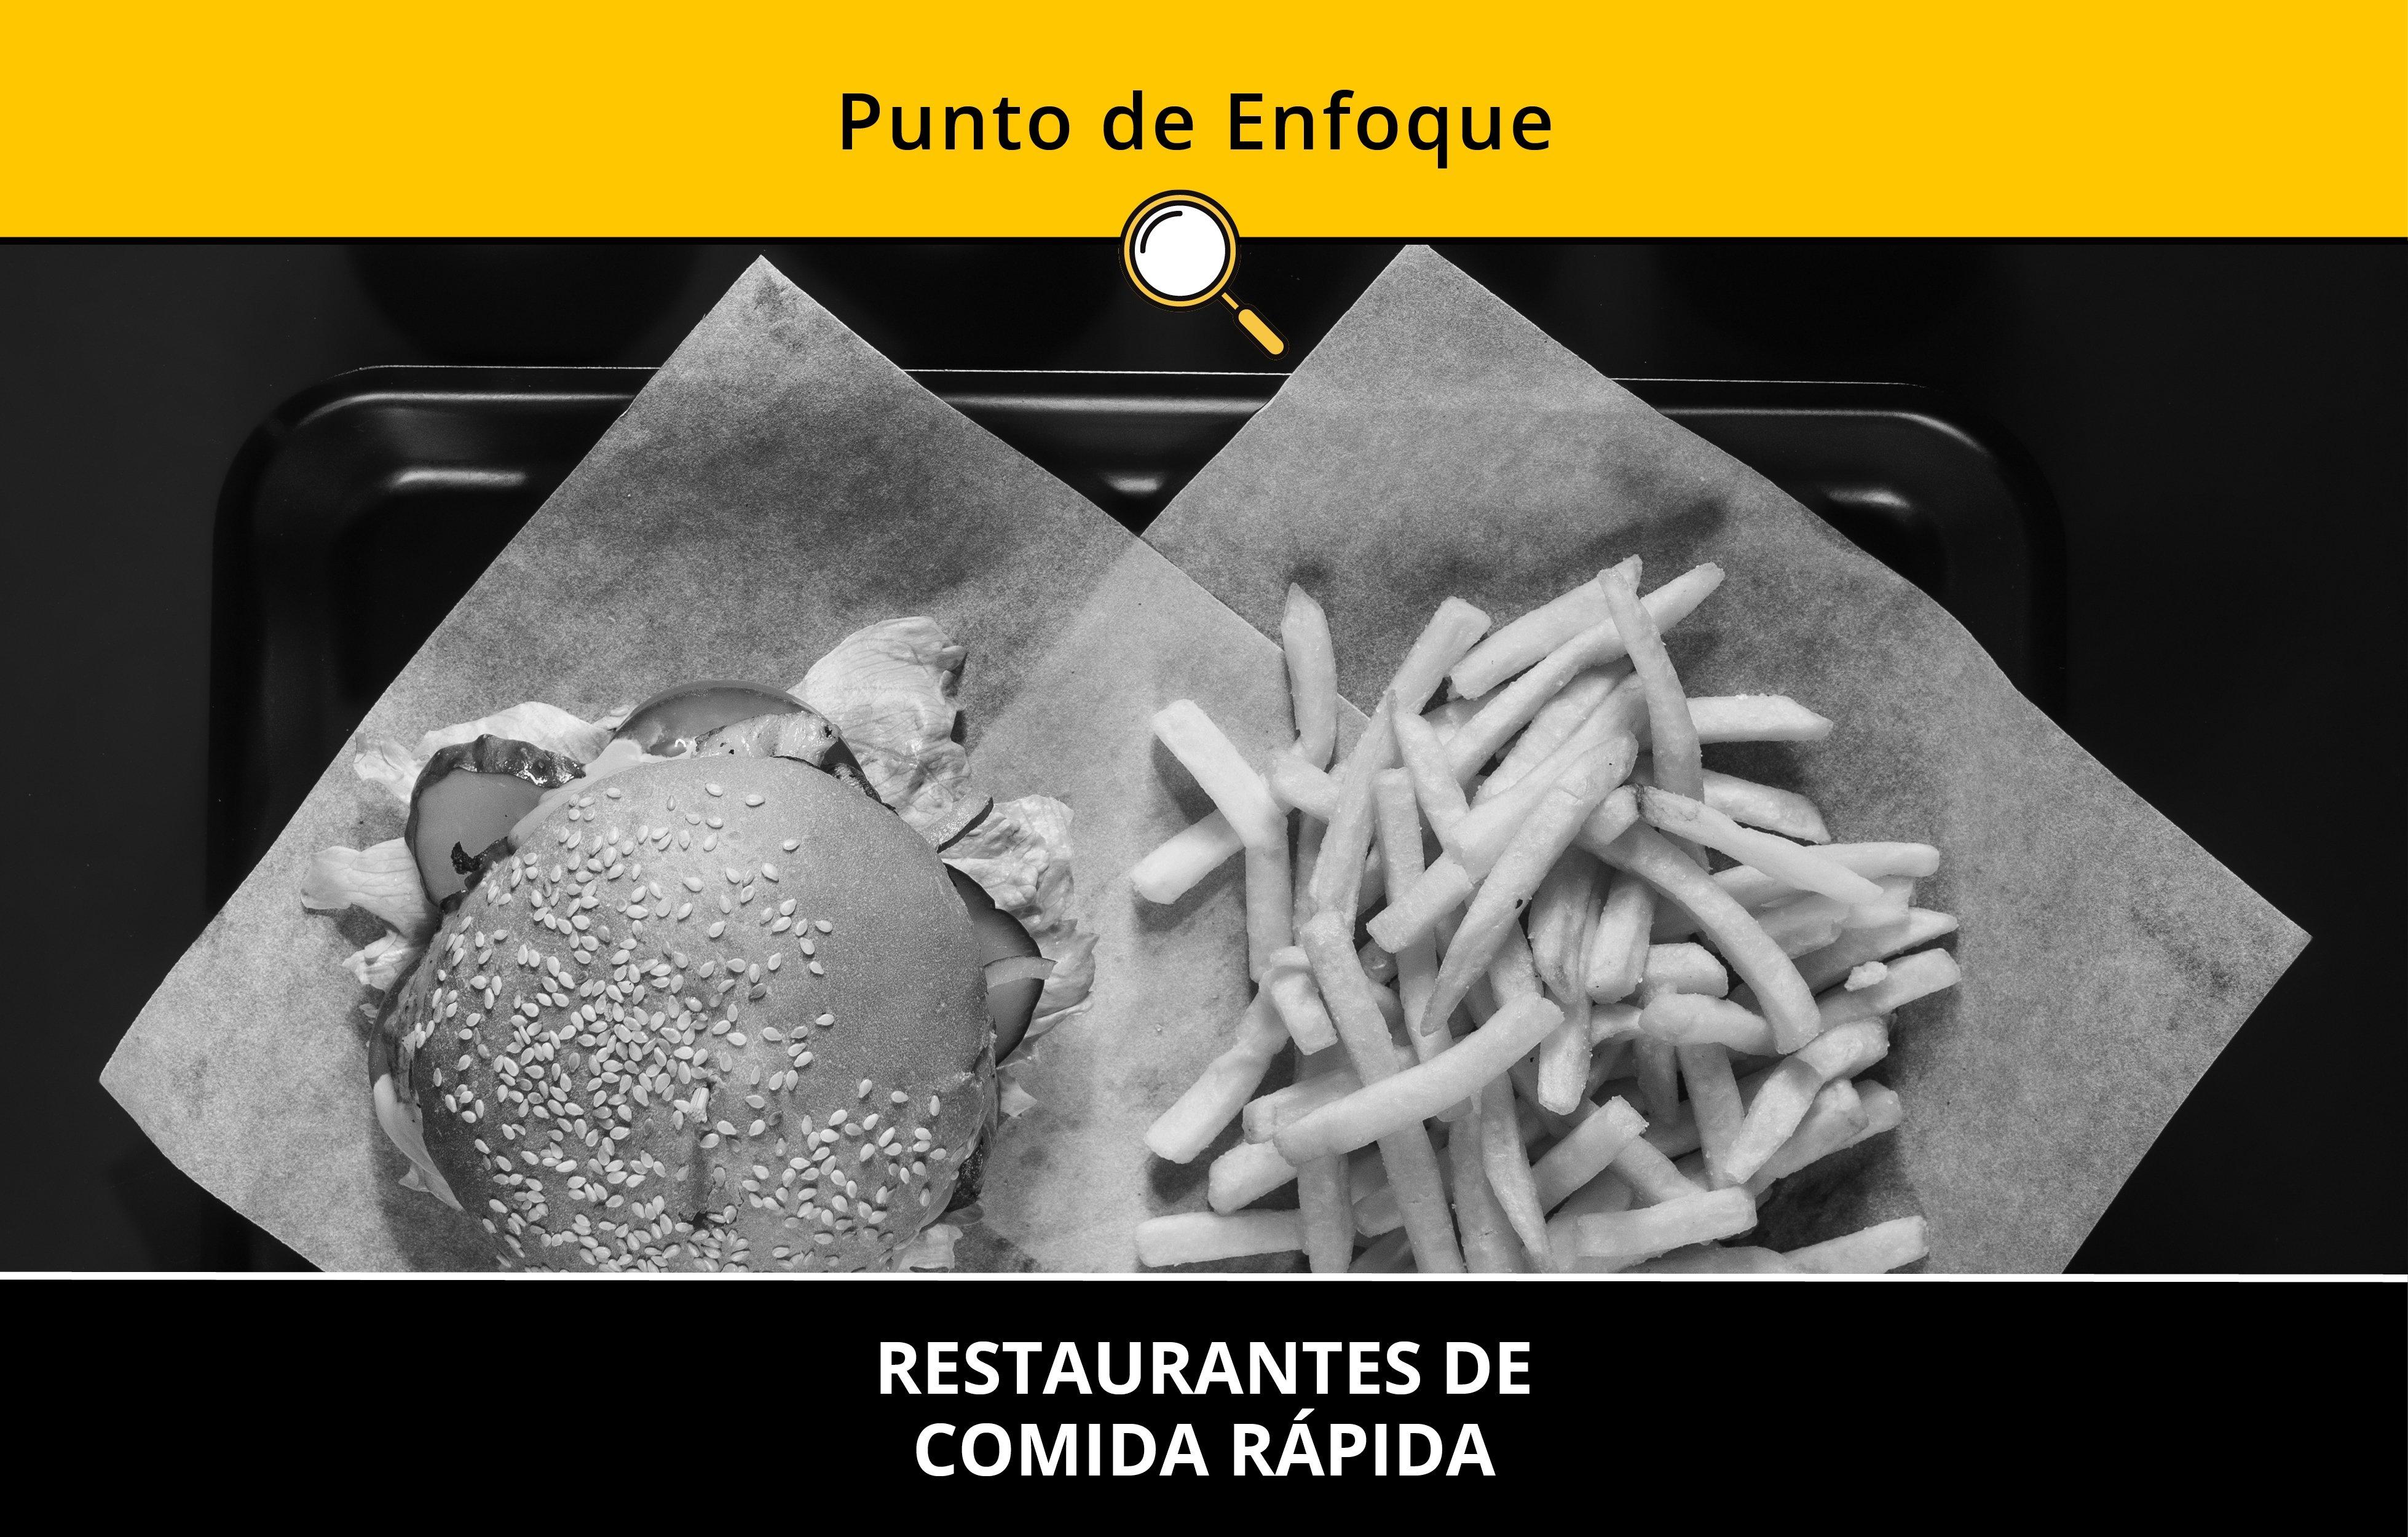 Restaurantes de comida rápida